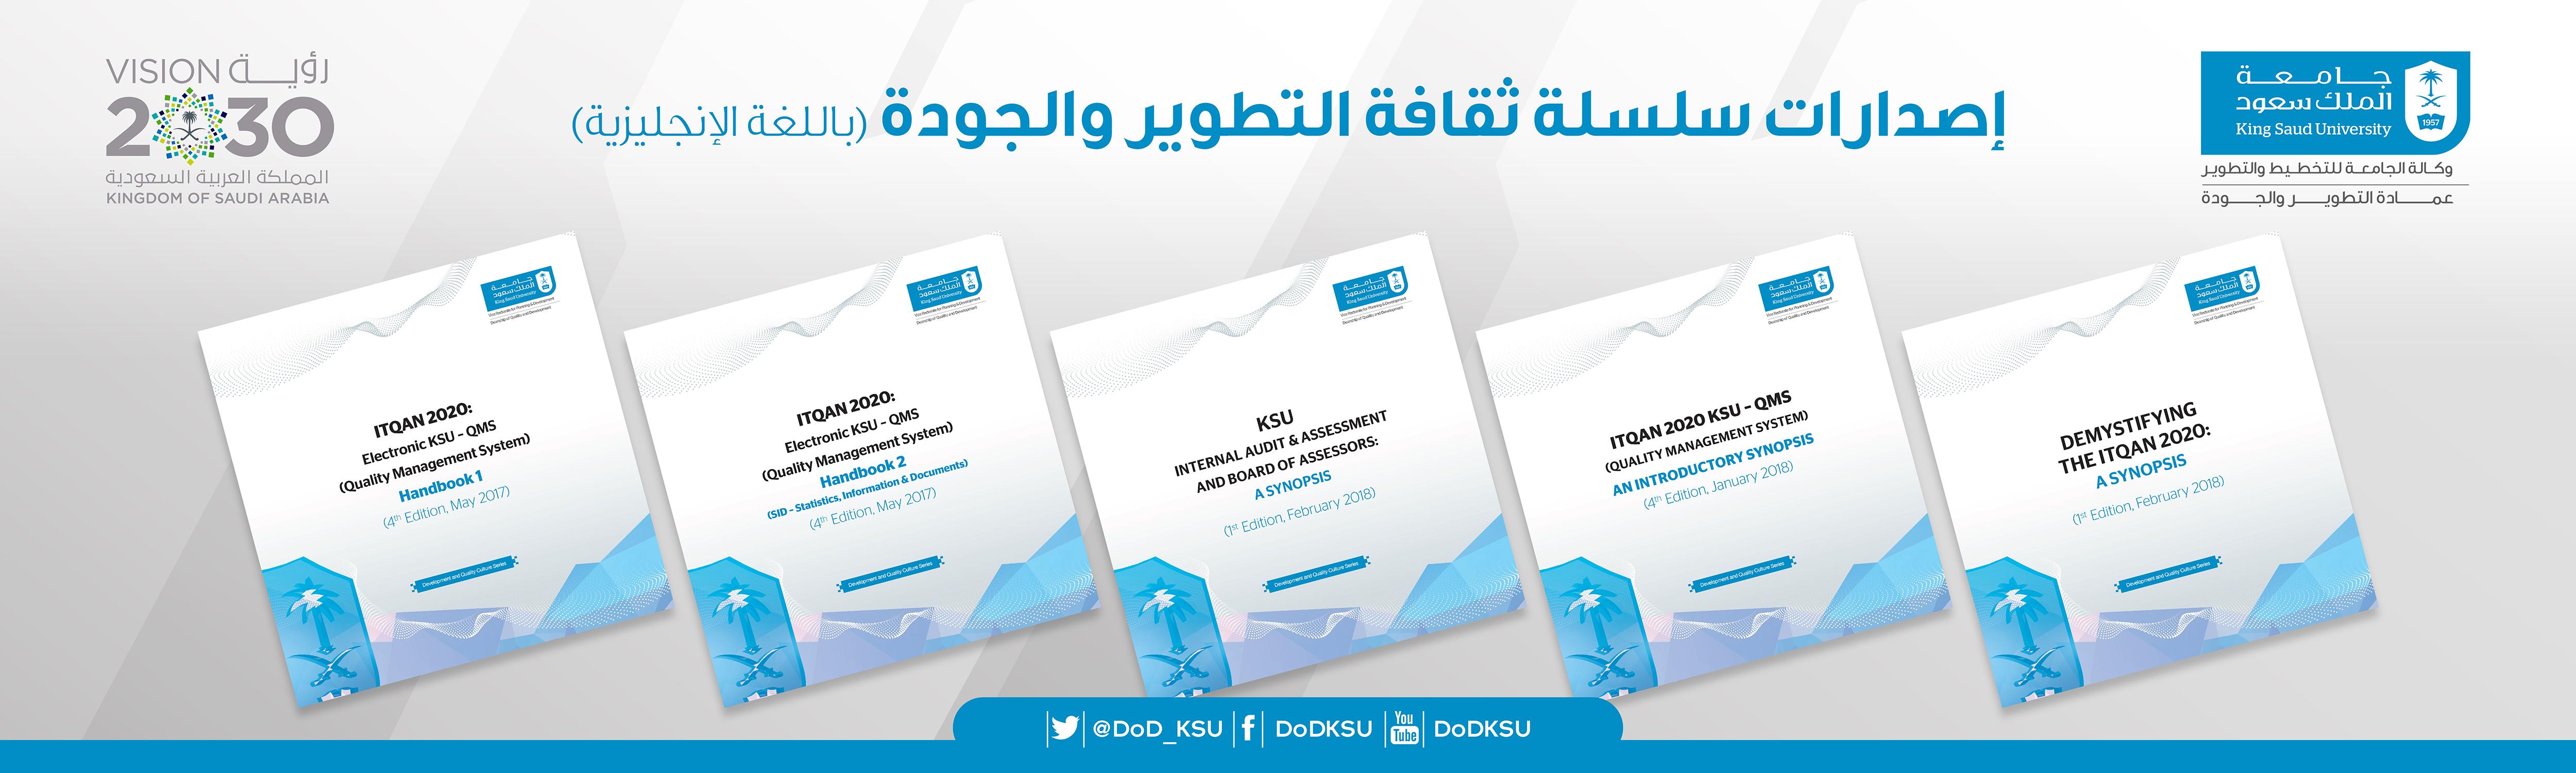 إصدارات سلسلة ثقافة التطوير... - باللغة الإنجليزية